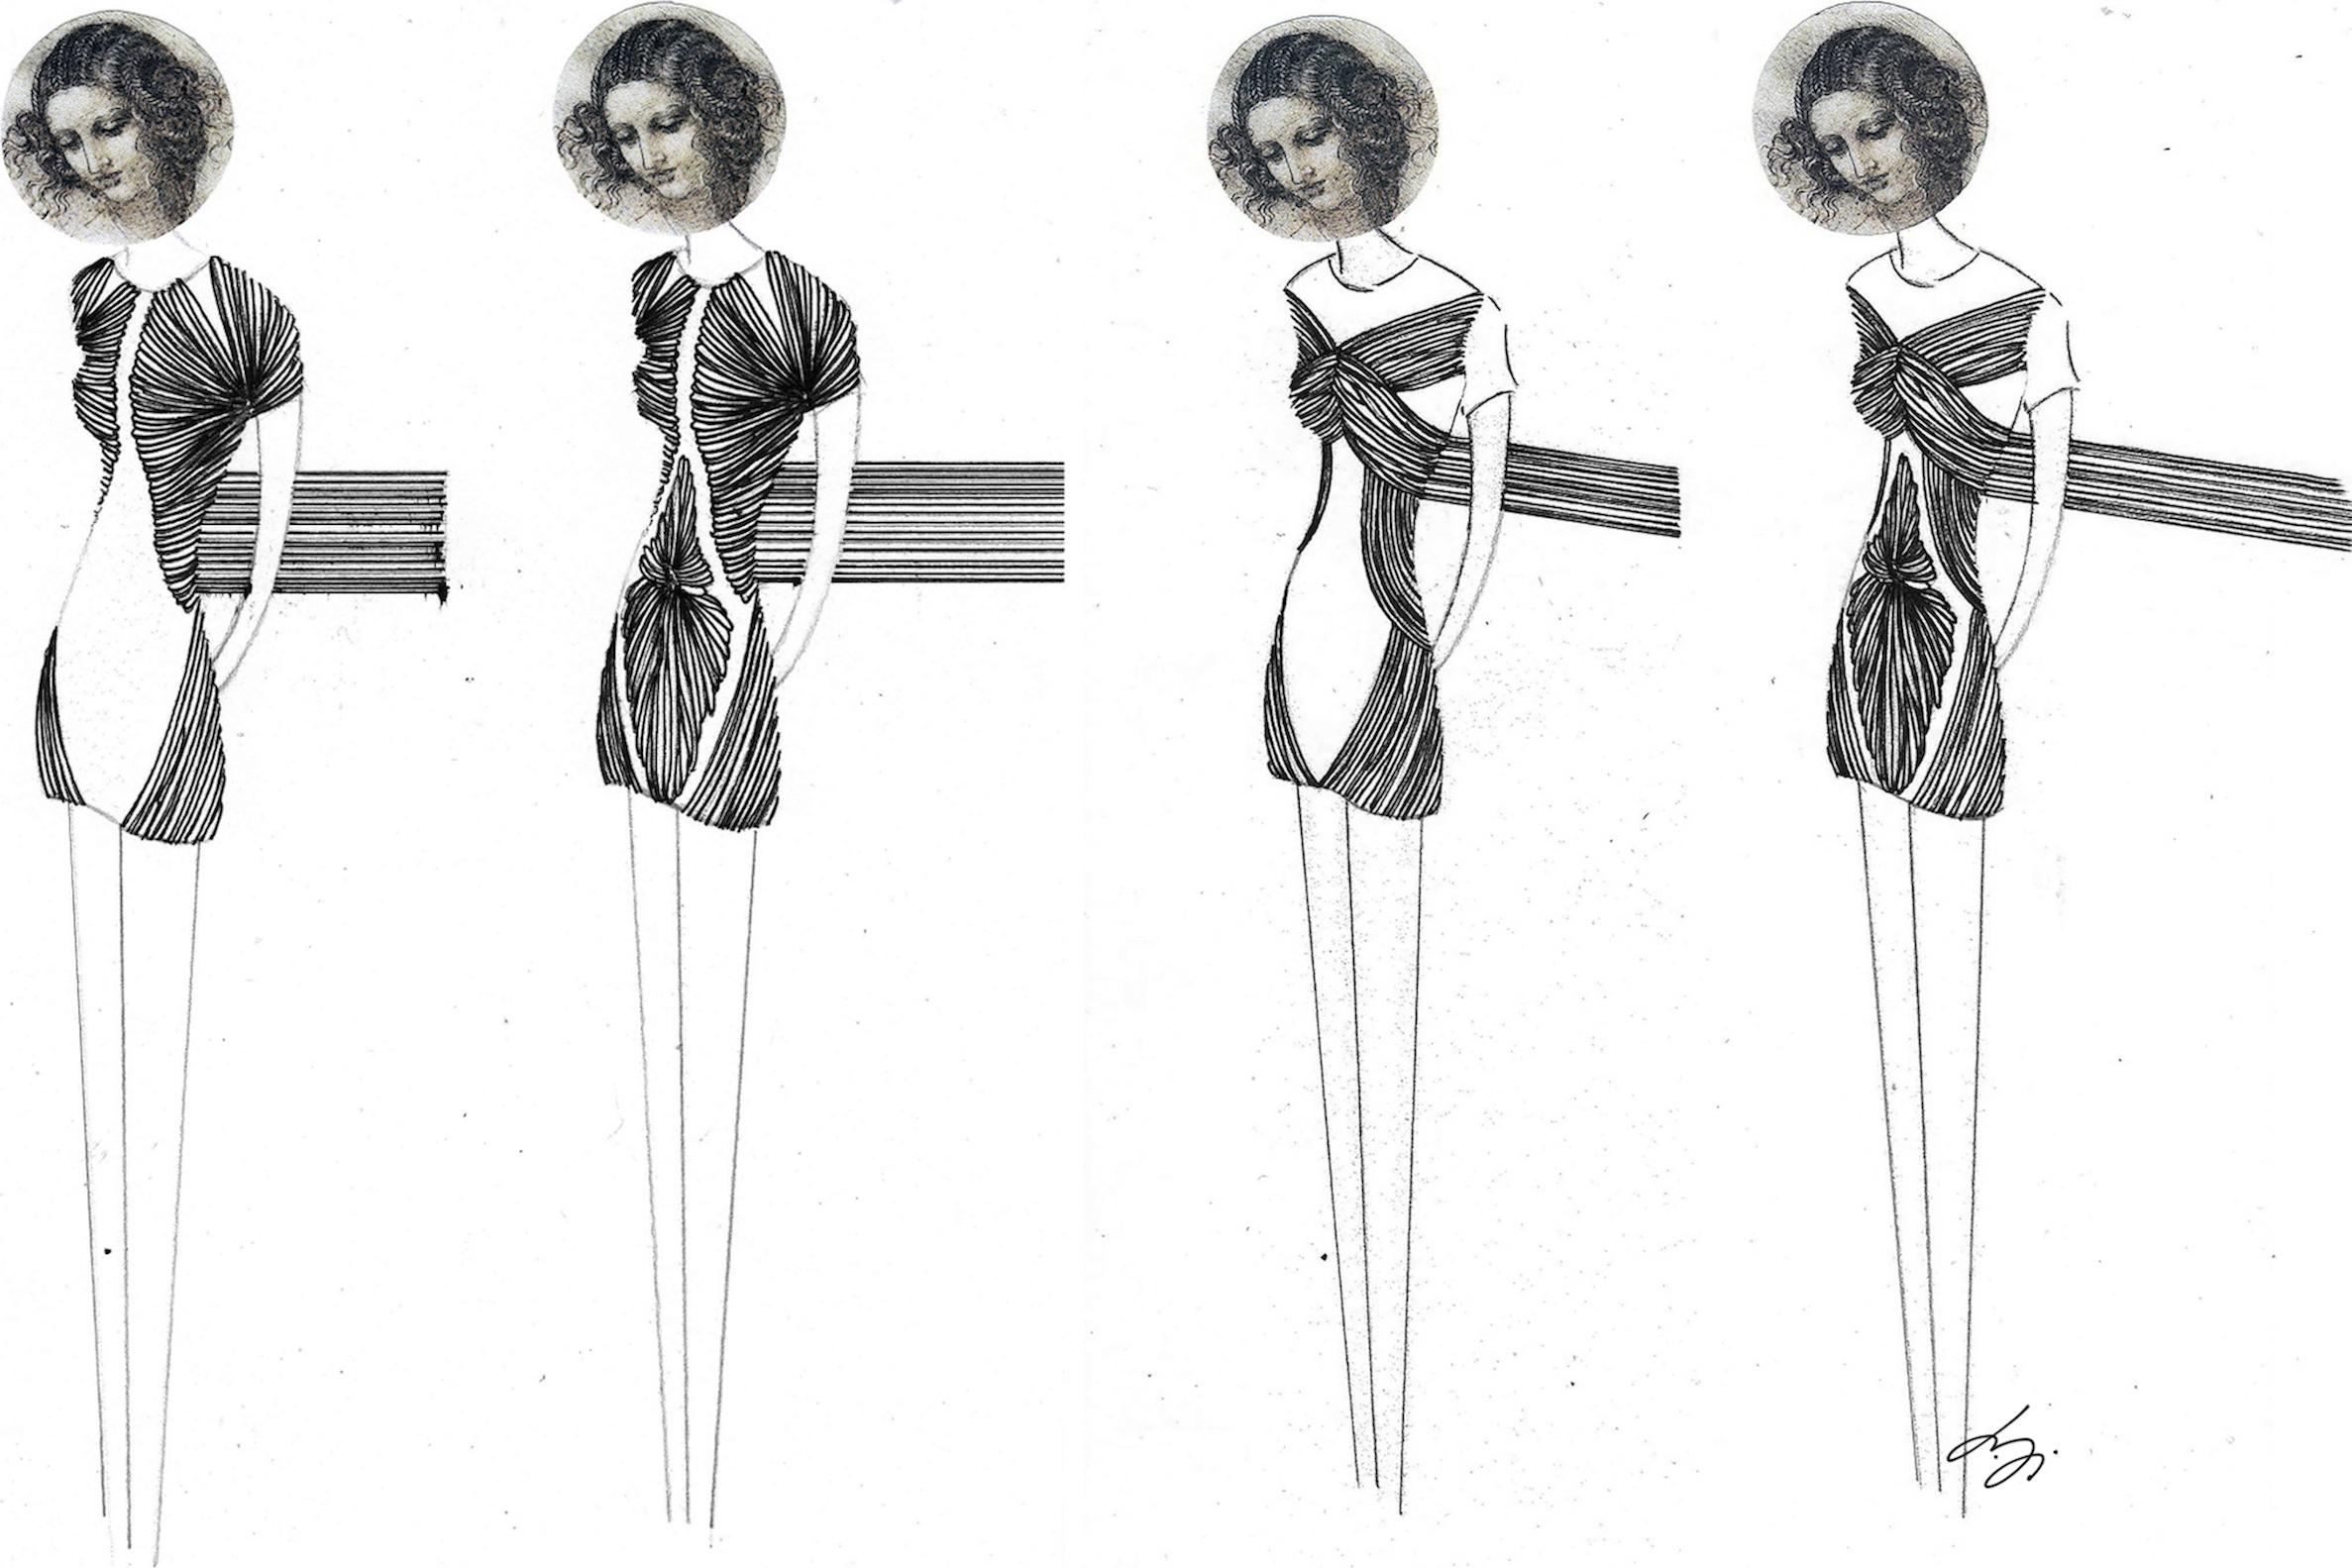 equilateral web drawing blackwhite kopi 2.jpg